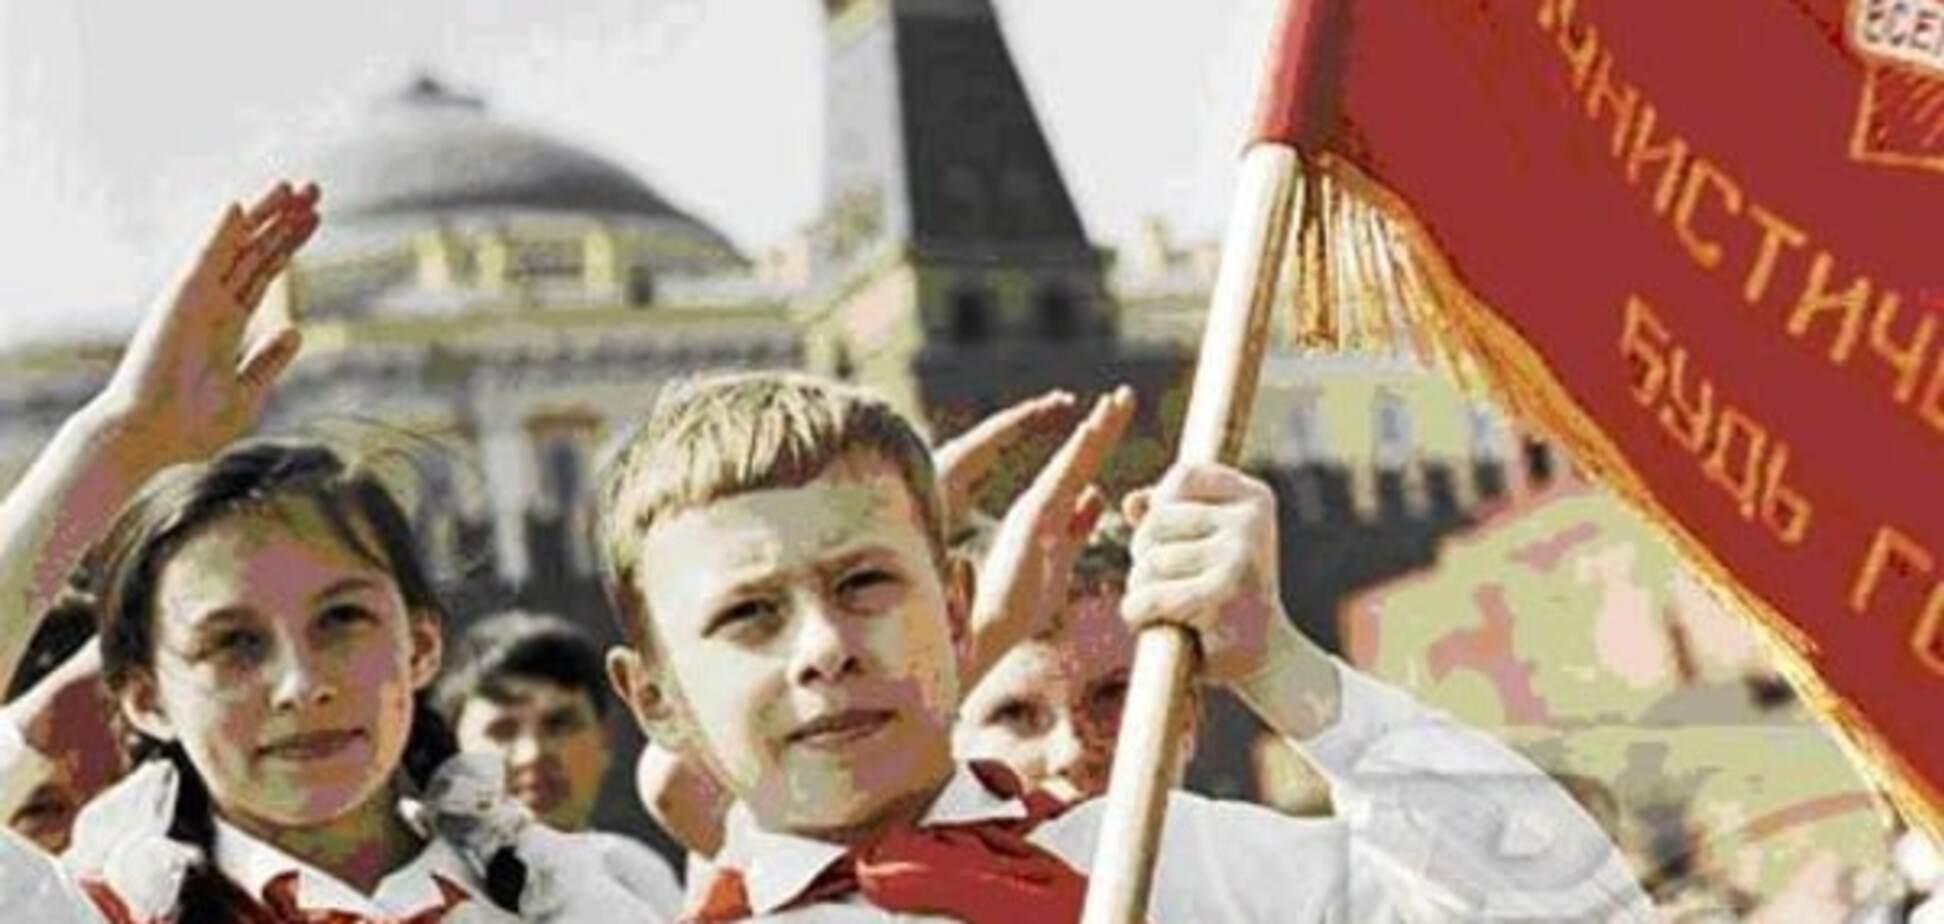 'Счастливое советское детство' с ключом на шее